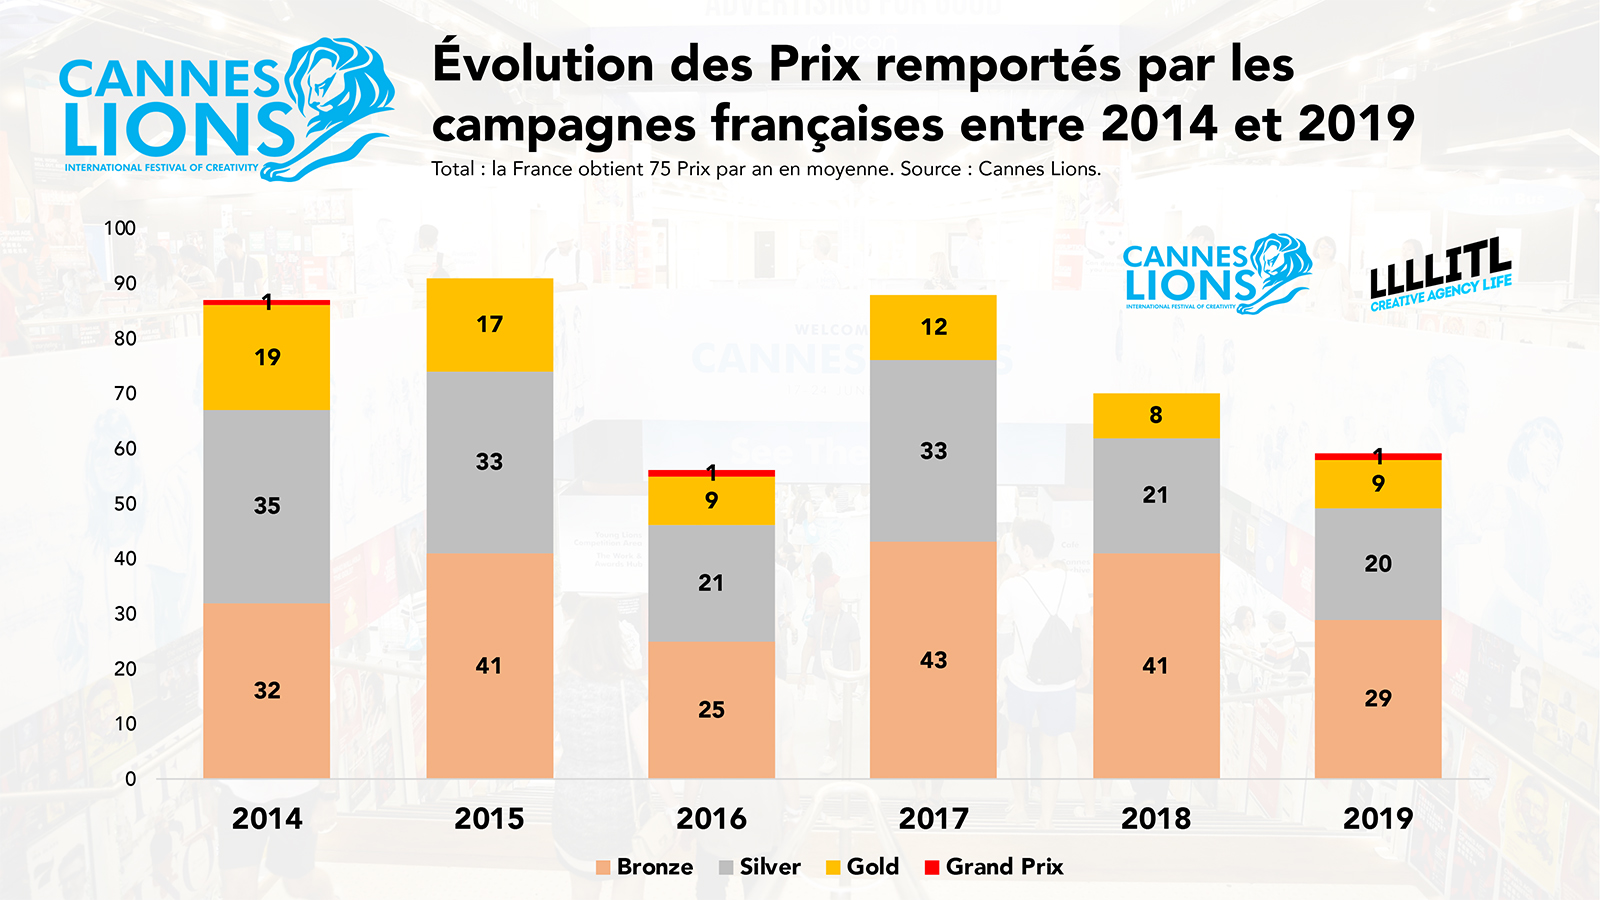 Cannes Lions : évolution des Prix remportés par la France entre 2014 et 2019